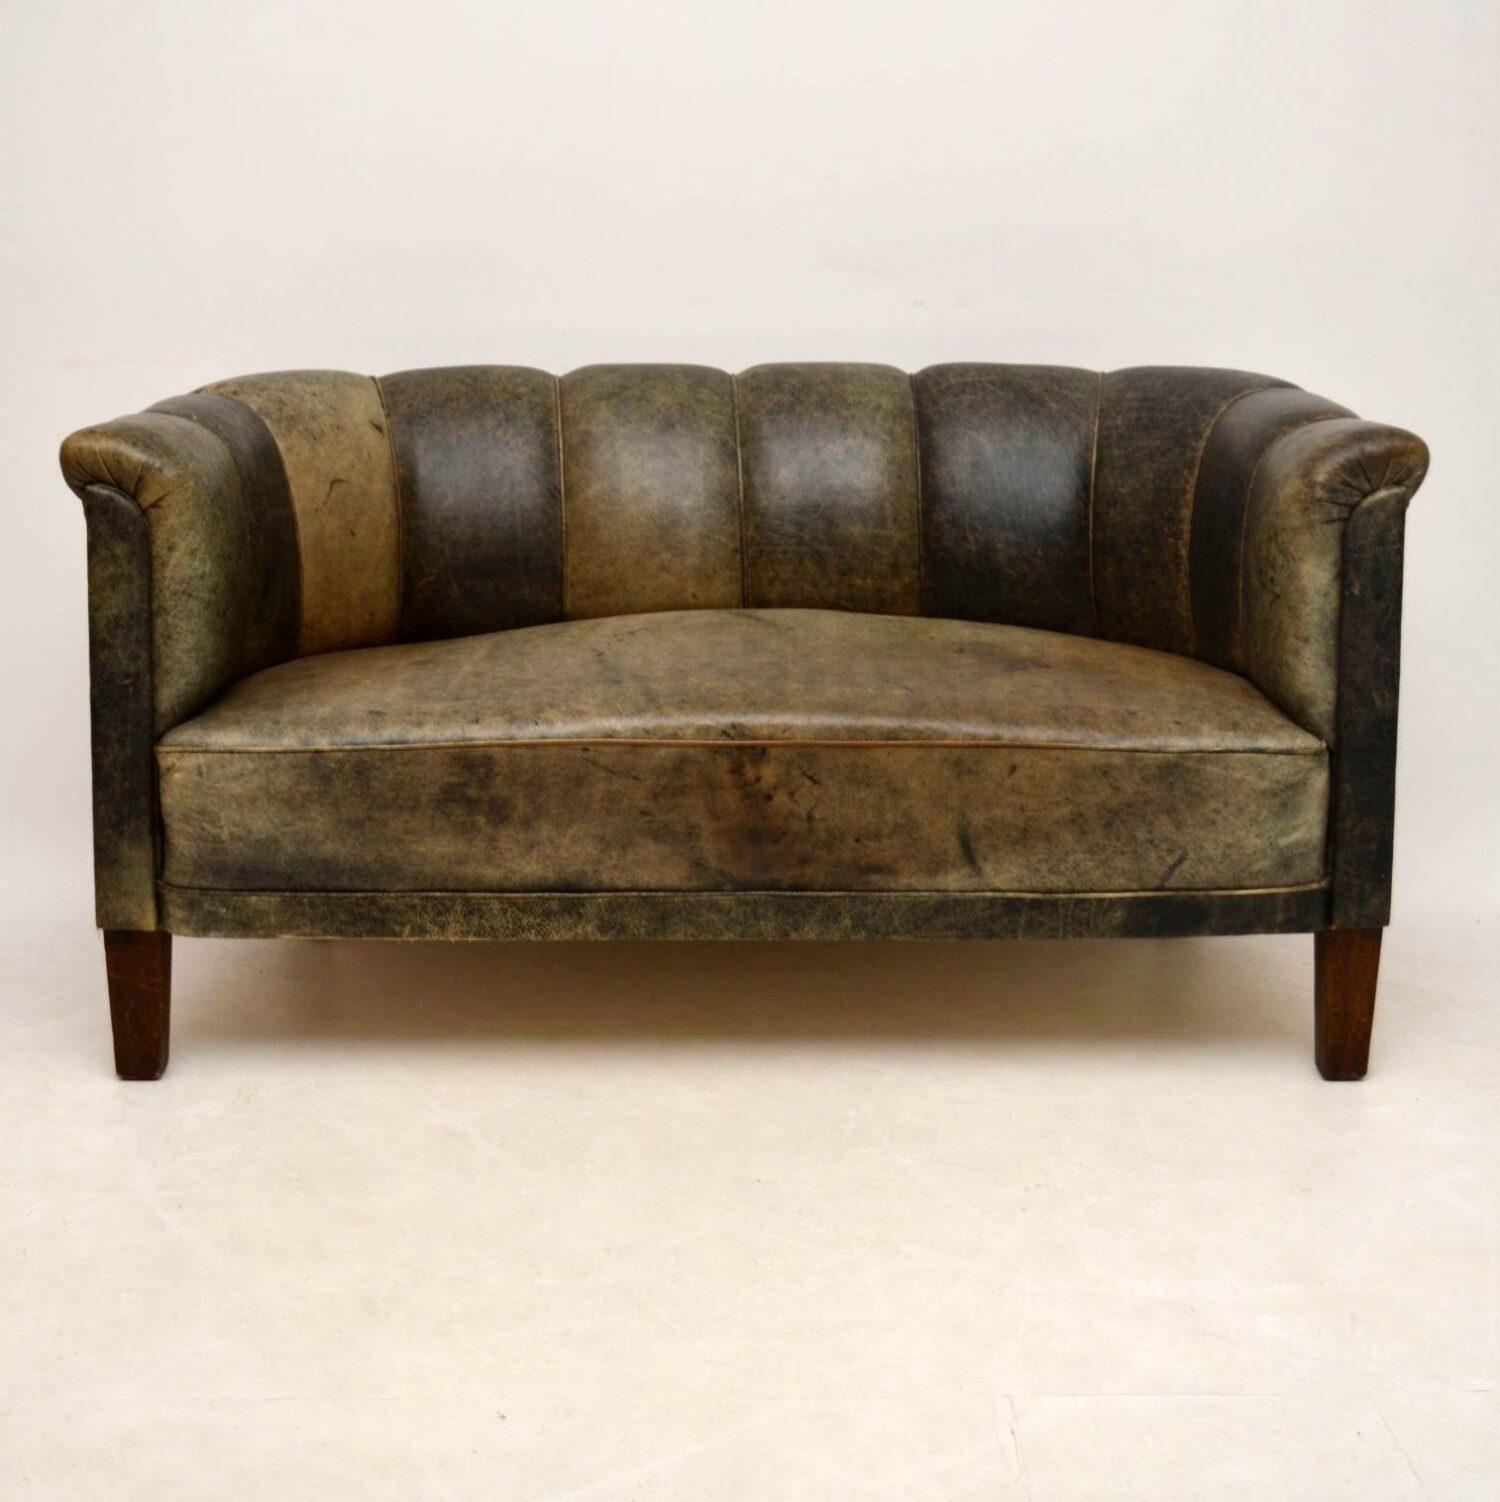 Antique Swedish Leather Fluted Back Sofa